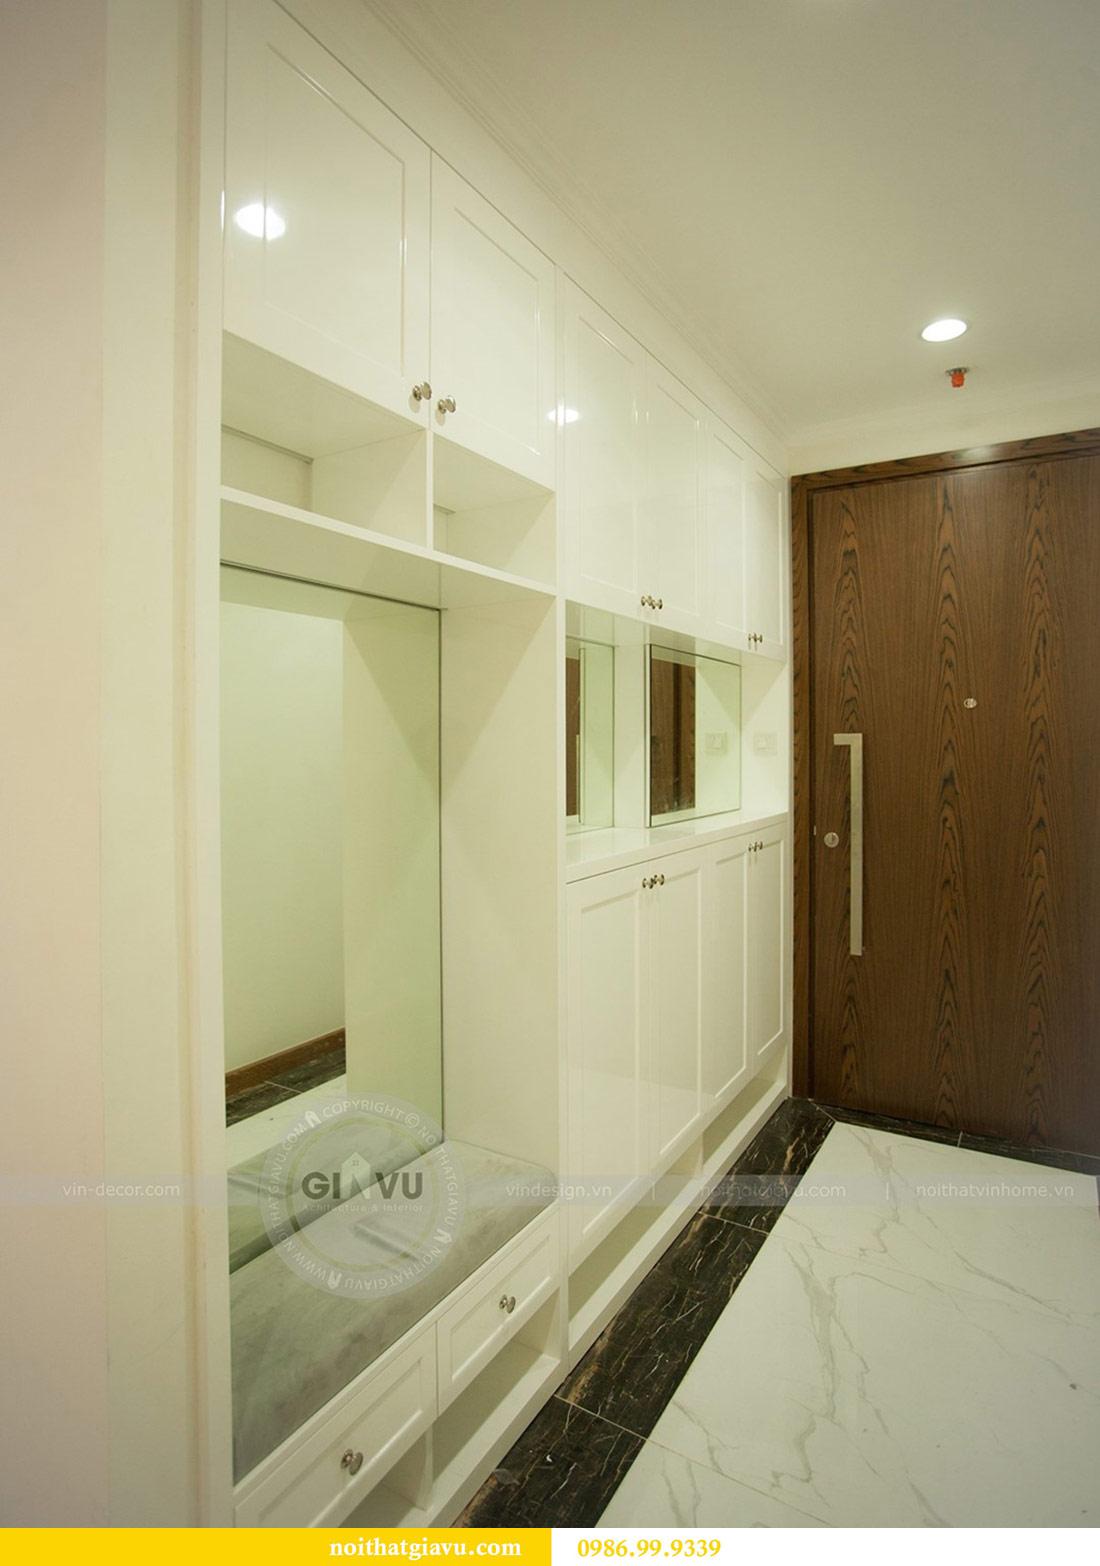 Hoàn thiện nội thất chung cư Seasons Avenue tòa S3 căn 01 - anh Bách 1